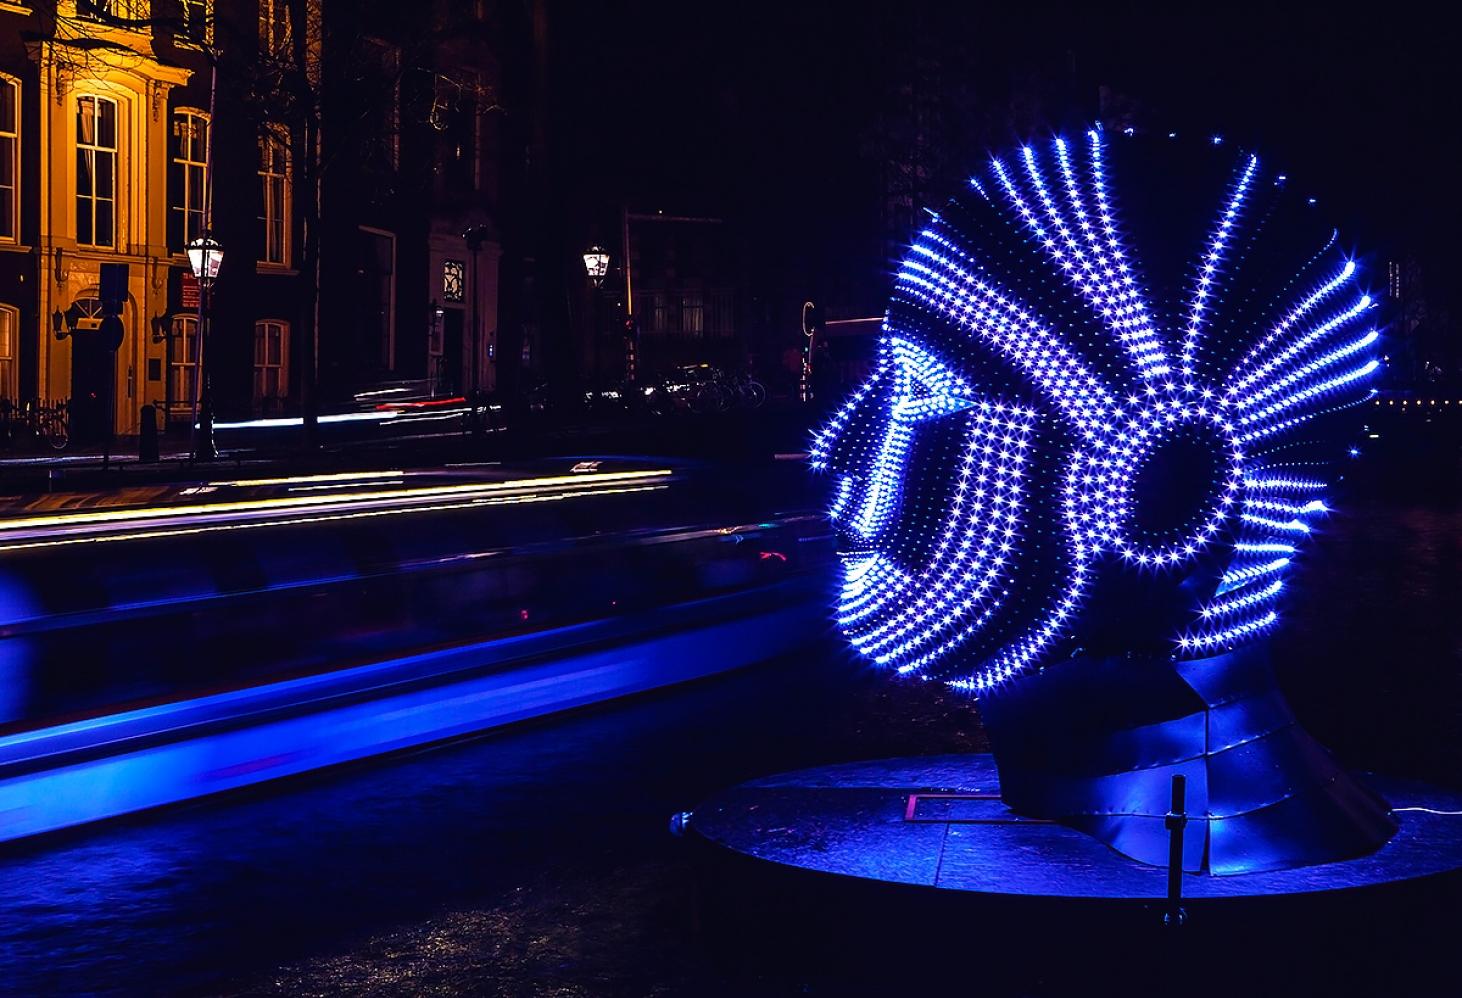 Фестиваль Света в Амстердаме. конец осени - начало зимы